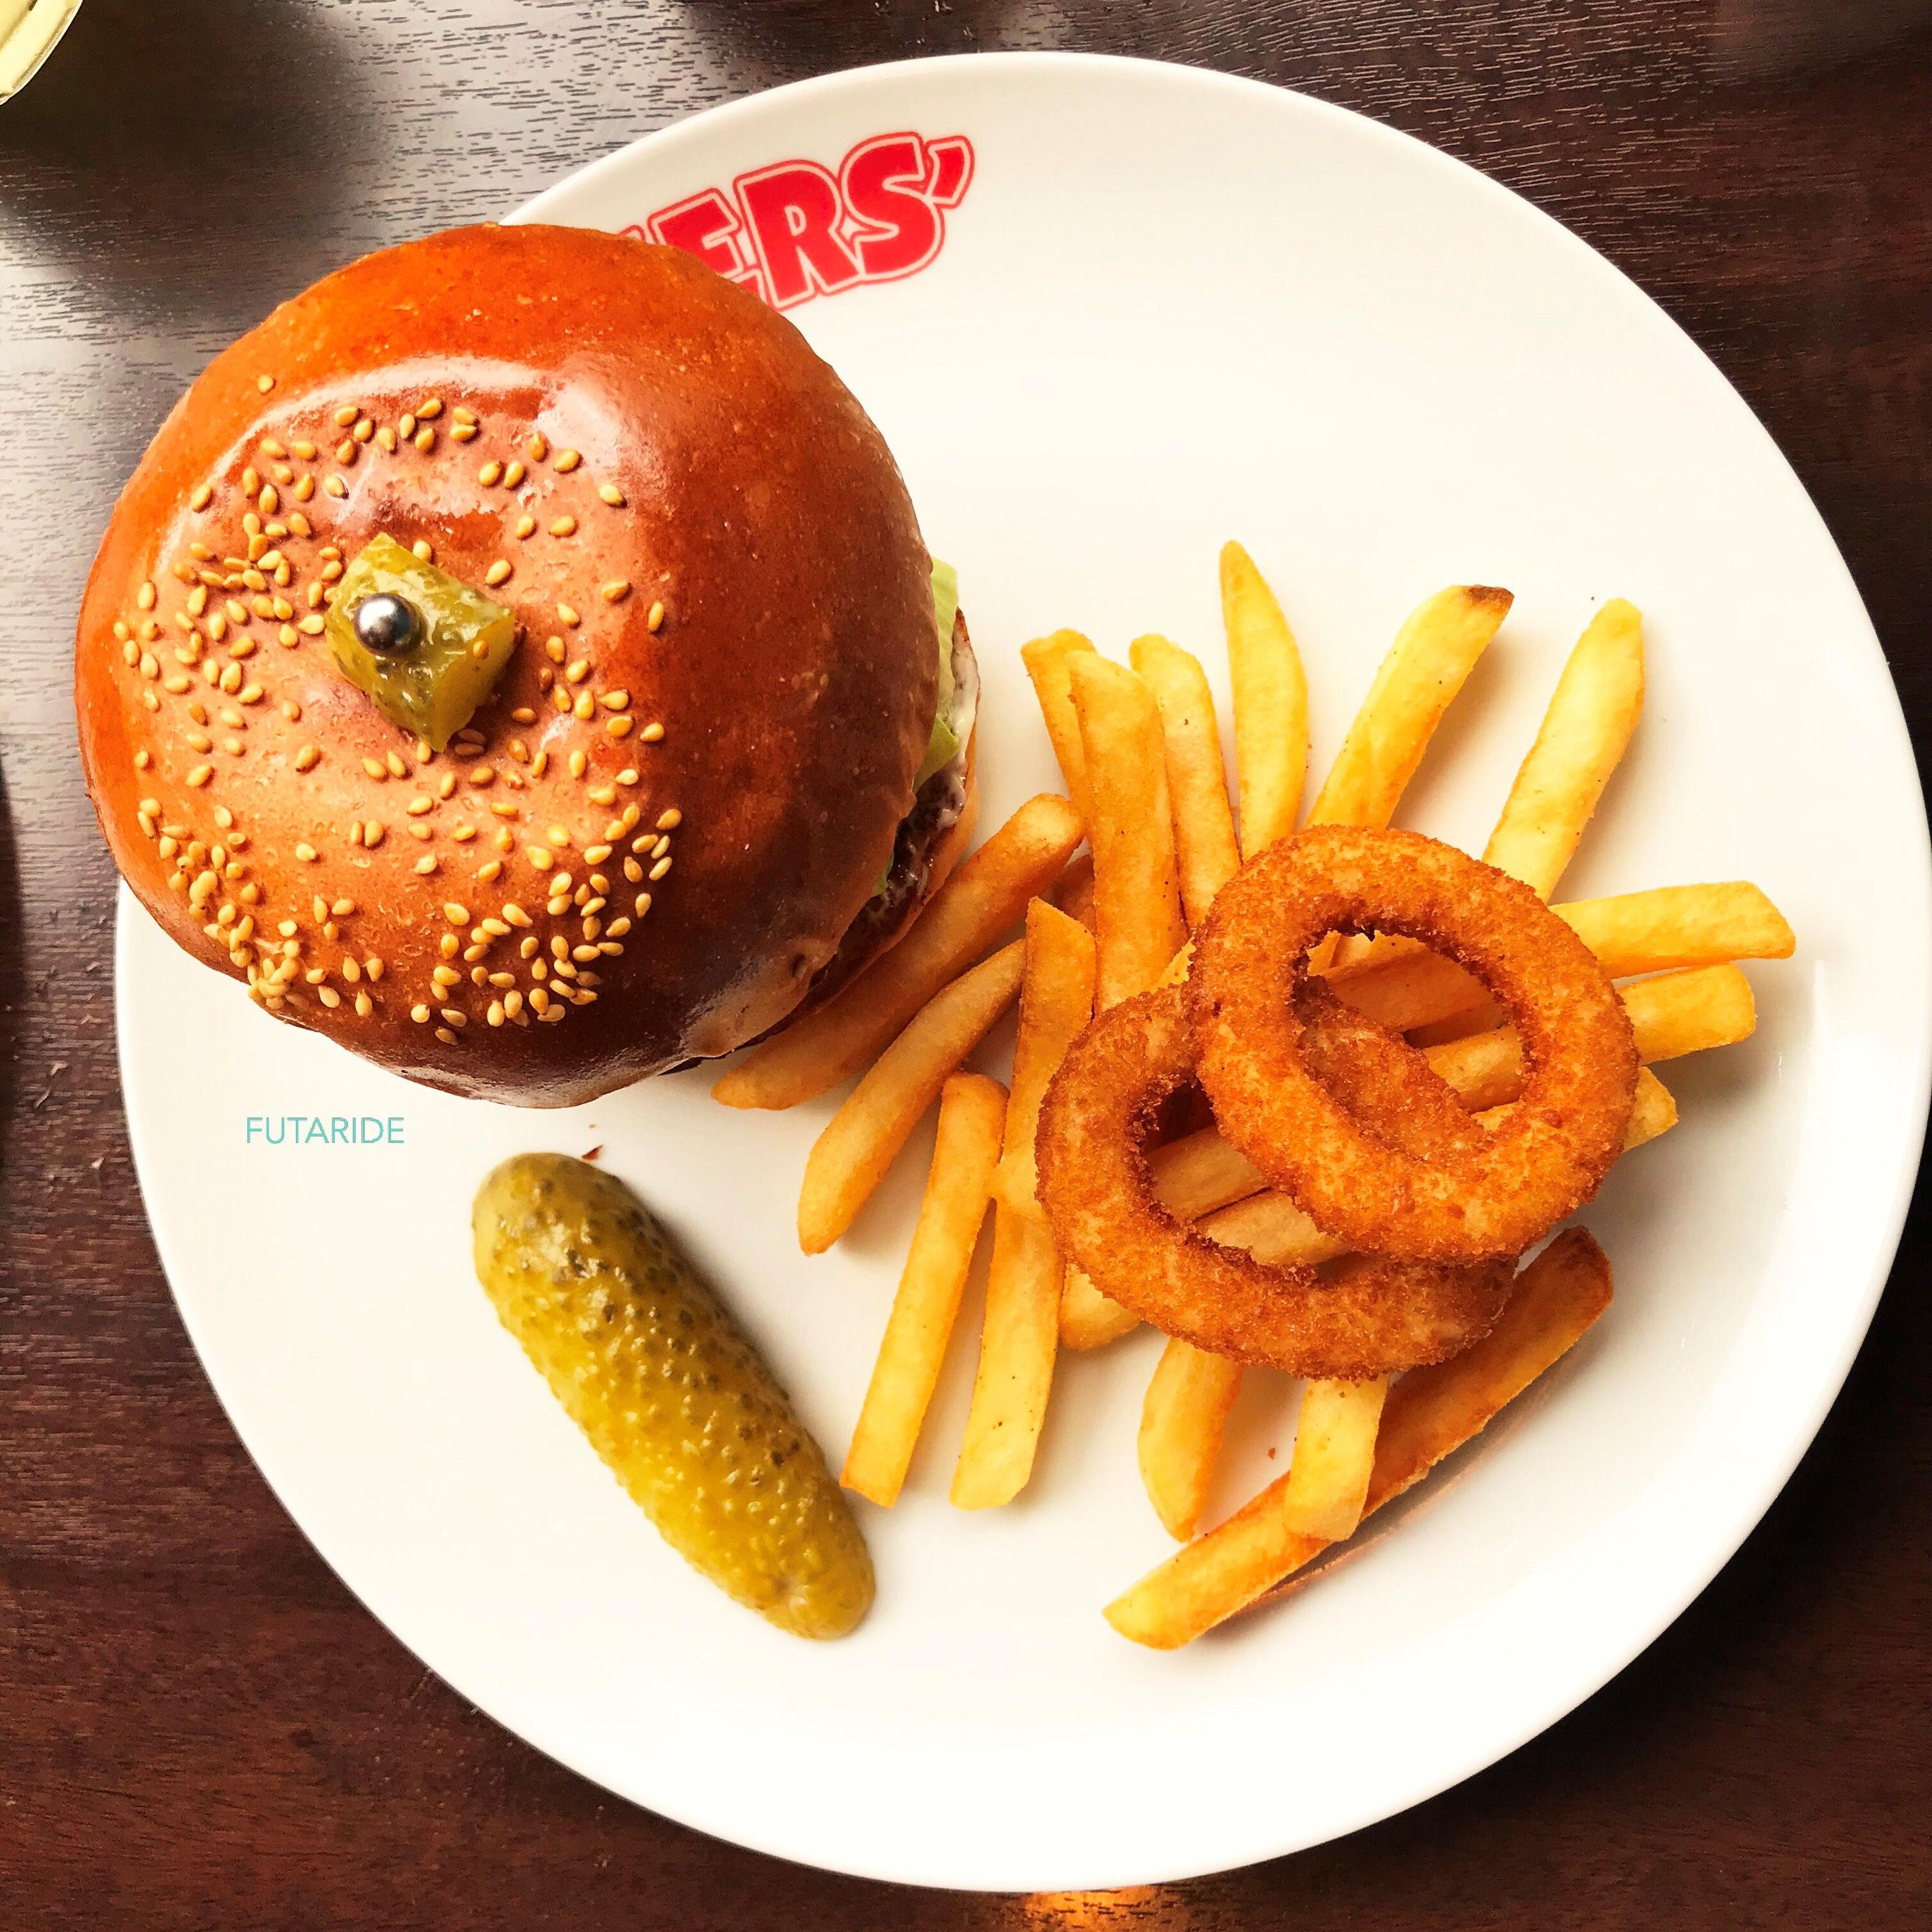 【元祖グルメバーガー】ブラザーズ(BROZERS`)の絶品ハンバーガー!ランチデートにピッタリ!【人形町】